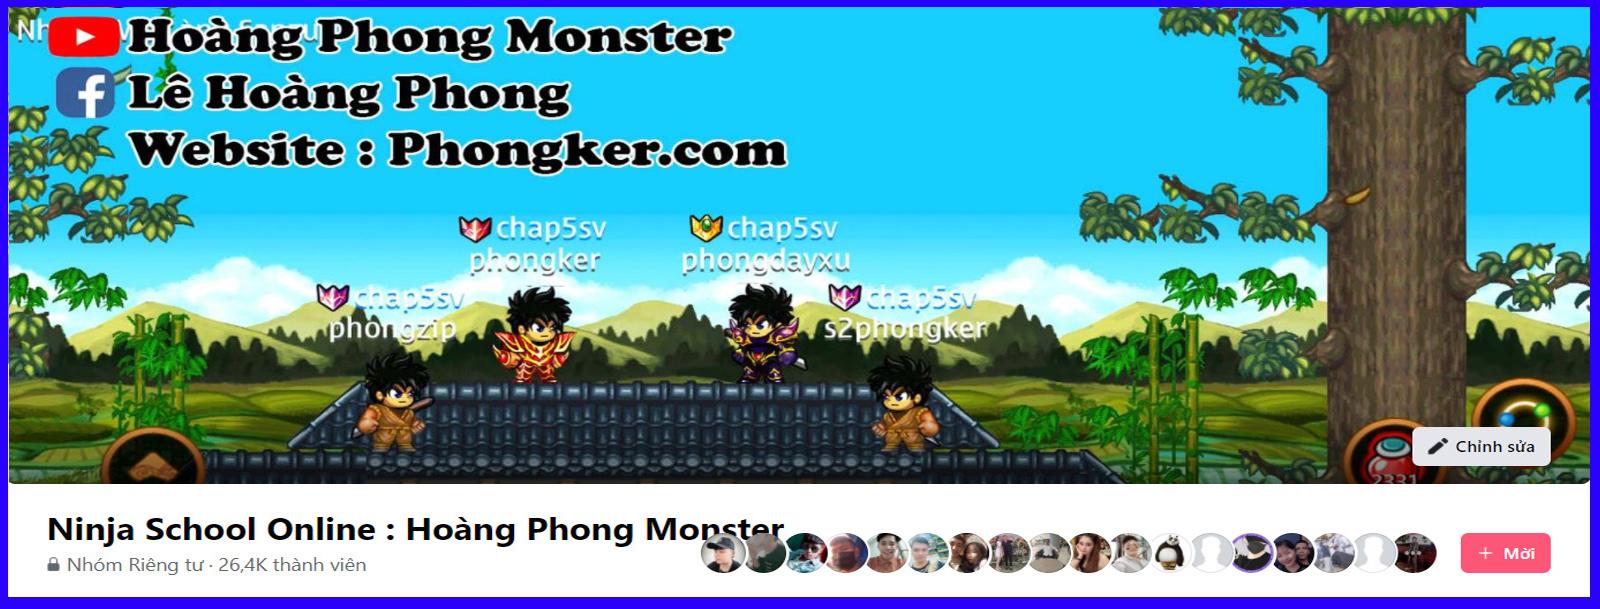 Phongker